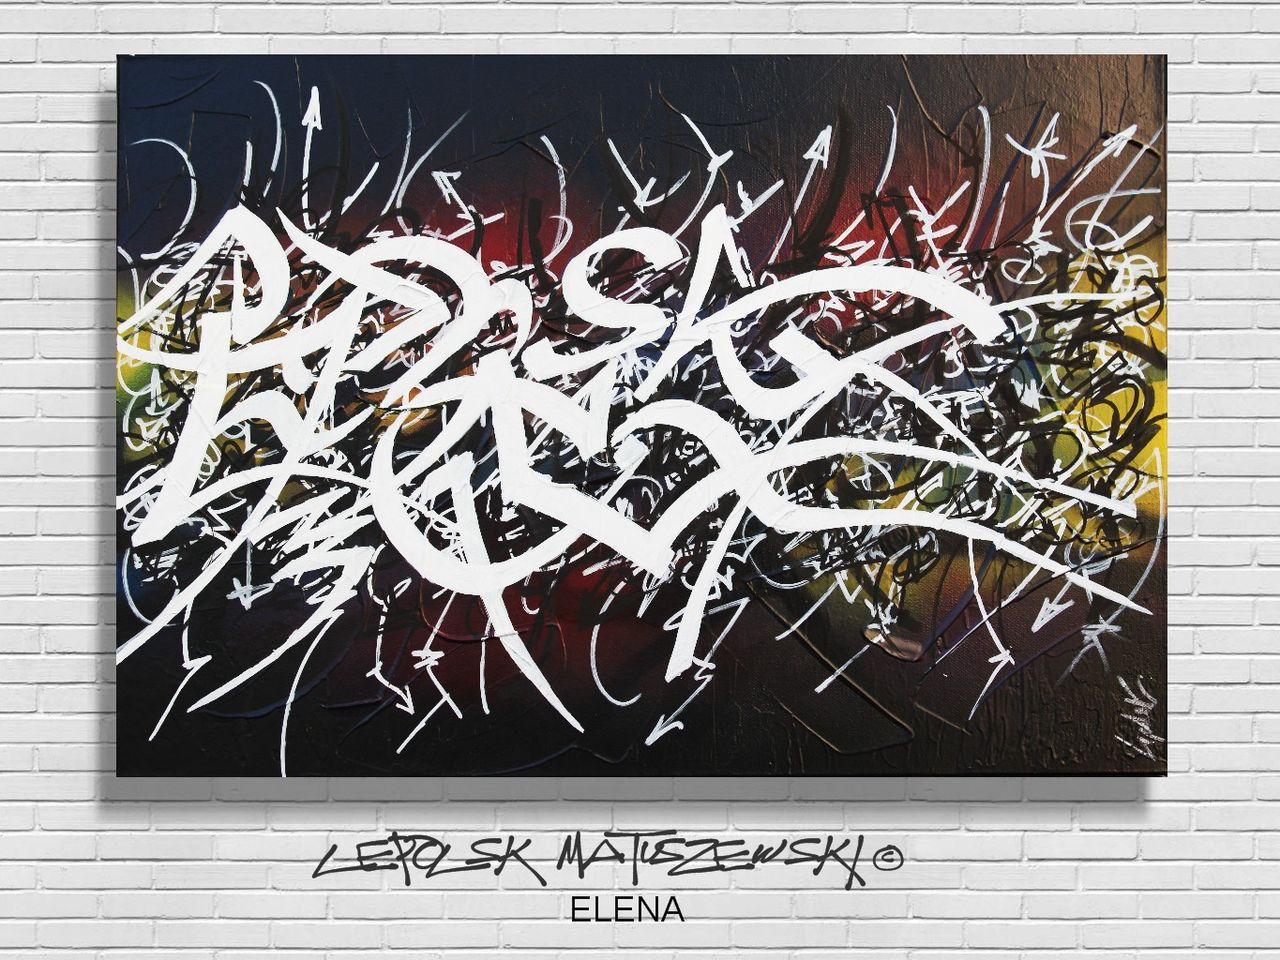 MISTER K  (Lepolsk Matuszewski) ELENA  Calligraffiti abstraite